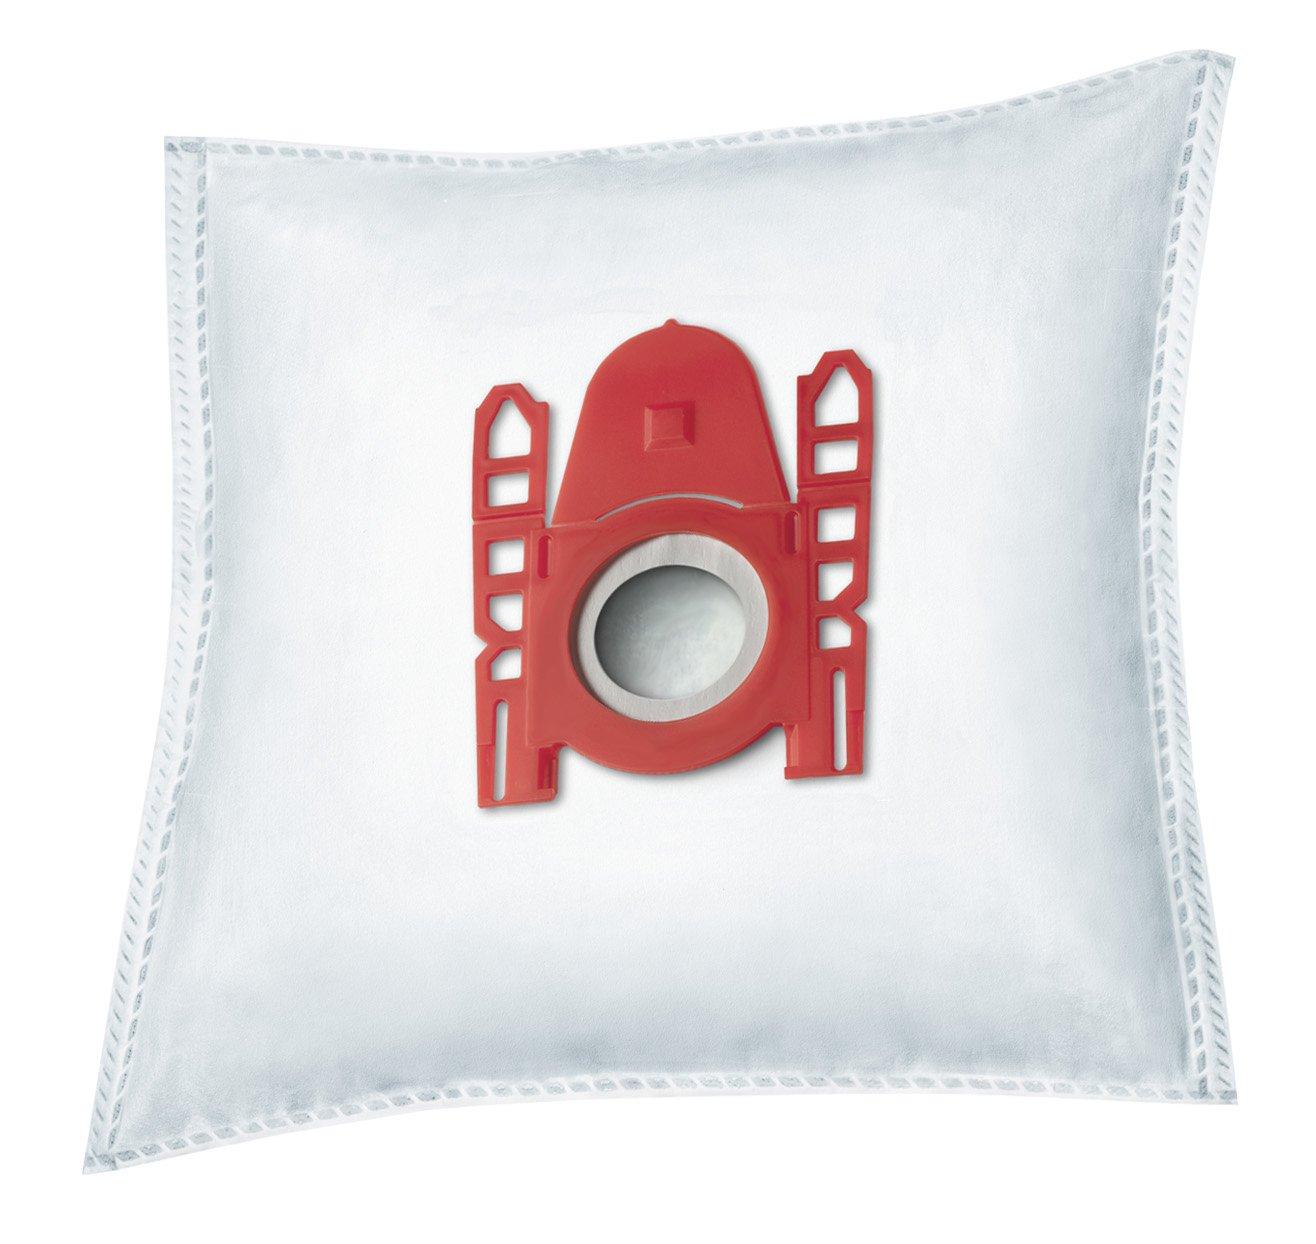 10 Staubbeutel passend für Bosch BGL 35 Mov20//01